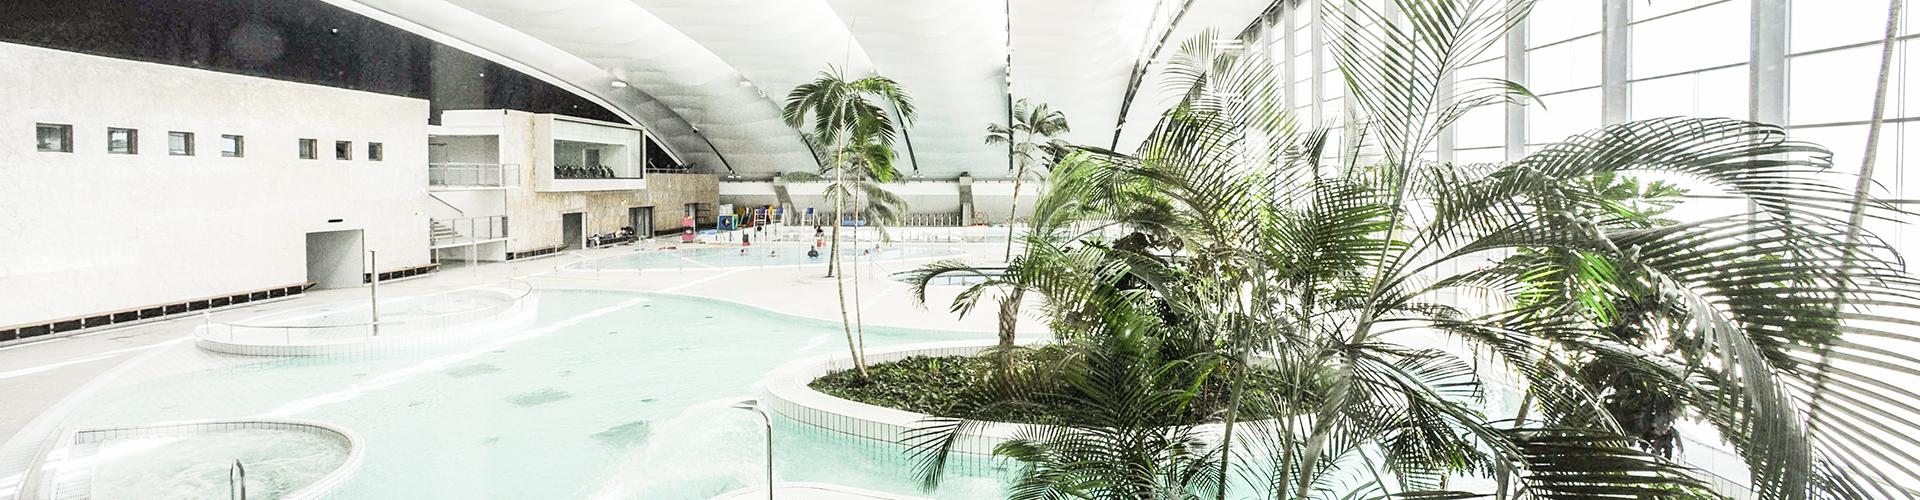 Espace Aquatique | Plaine Oxygene intérieur Piscine Du Mesnil Amelot